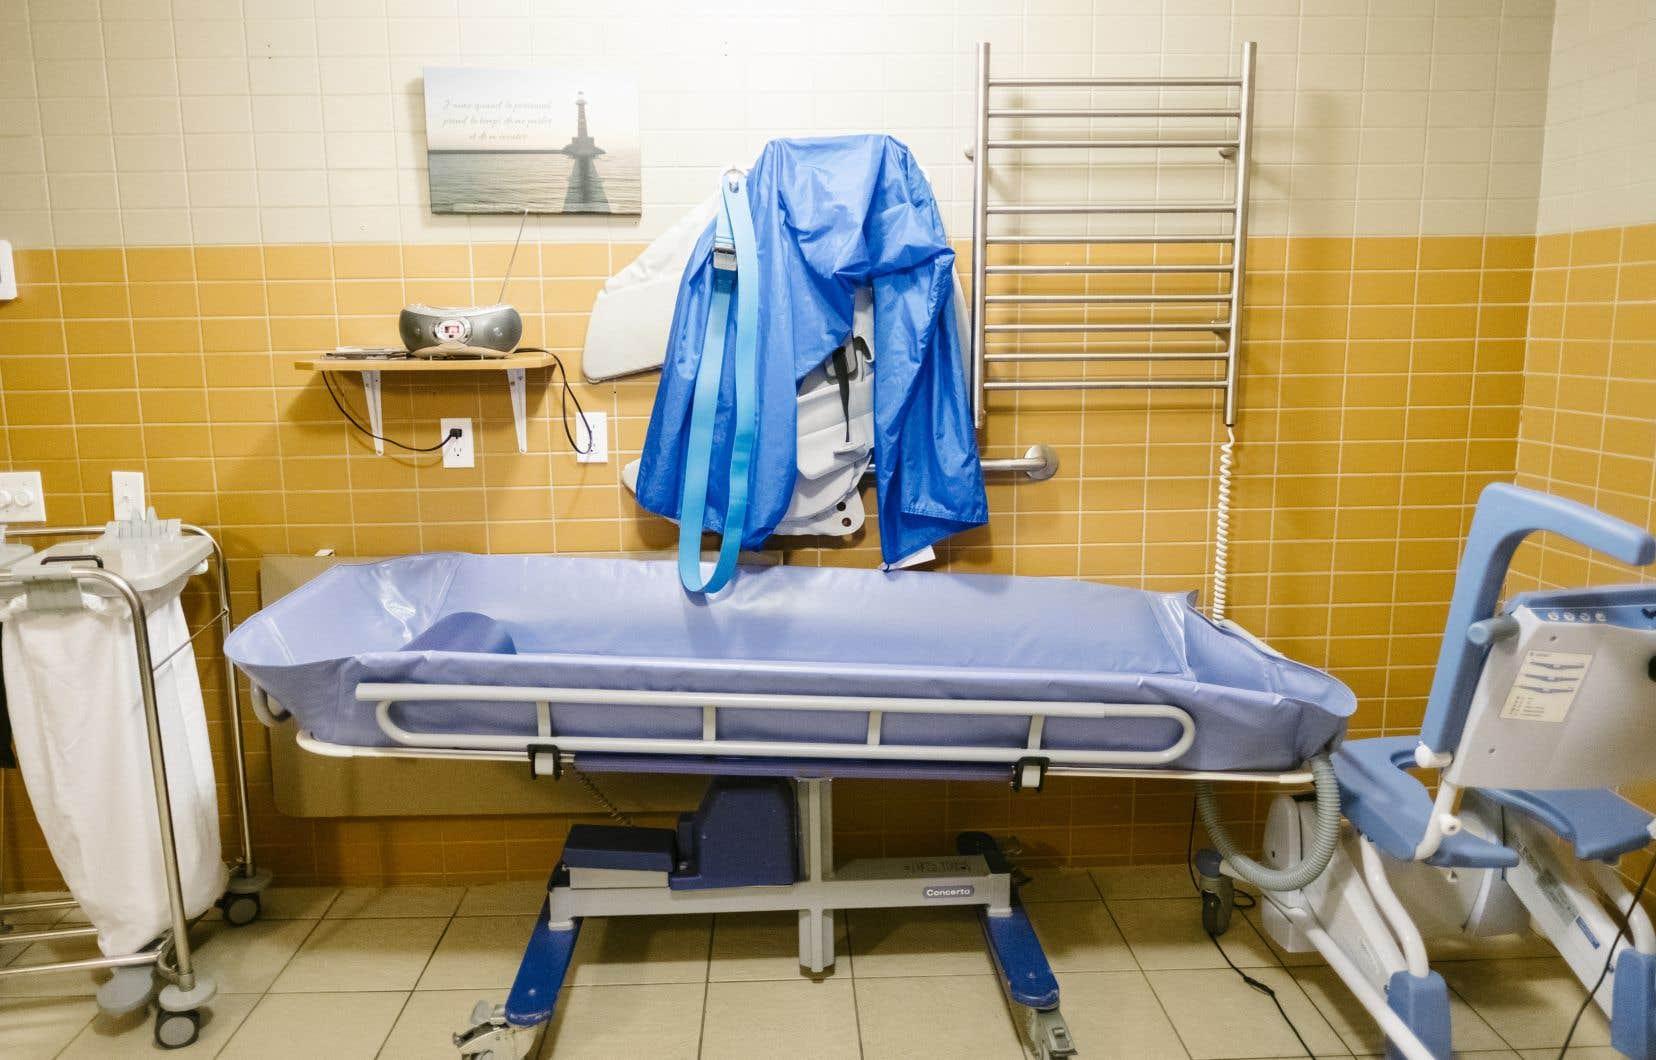 L'enquête conjointe visera à évaluer la qualité des soins qui sont dispensés par les membres de ces ordres professionnels, tant dans les centres privés que publics.